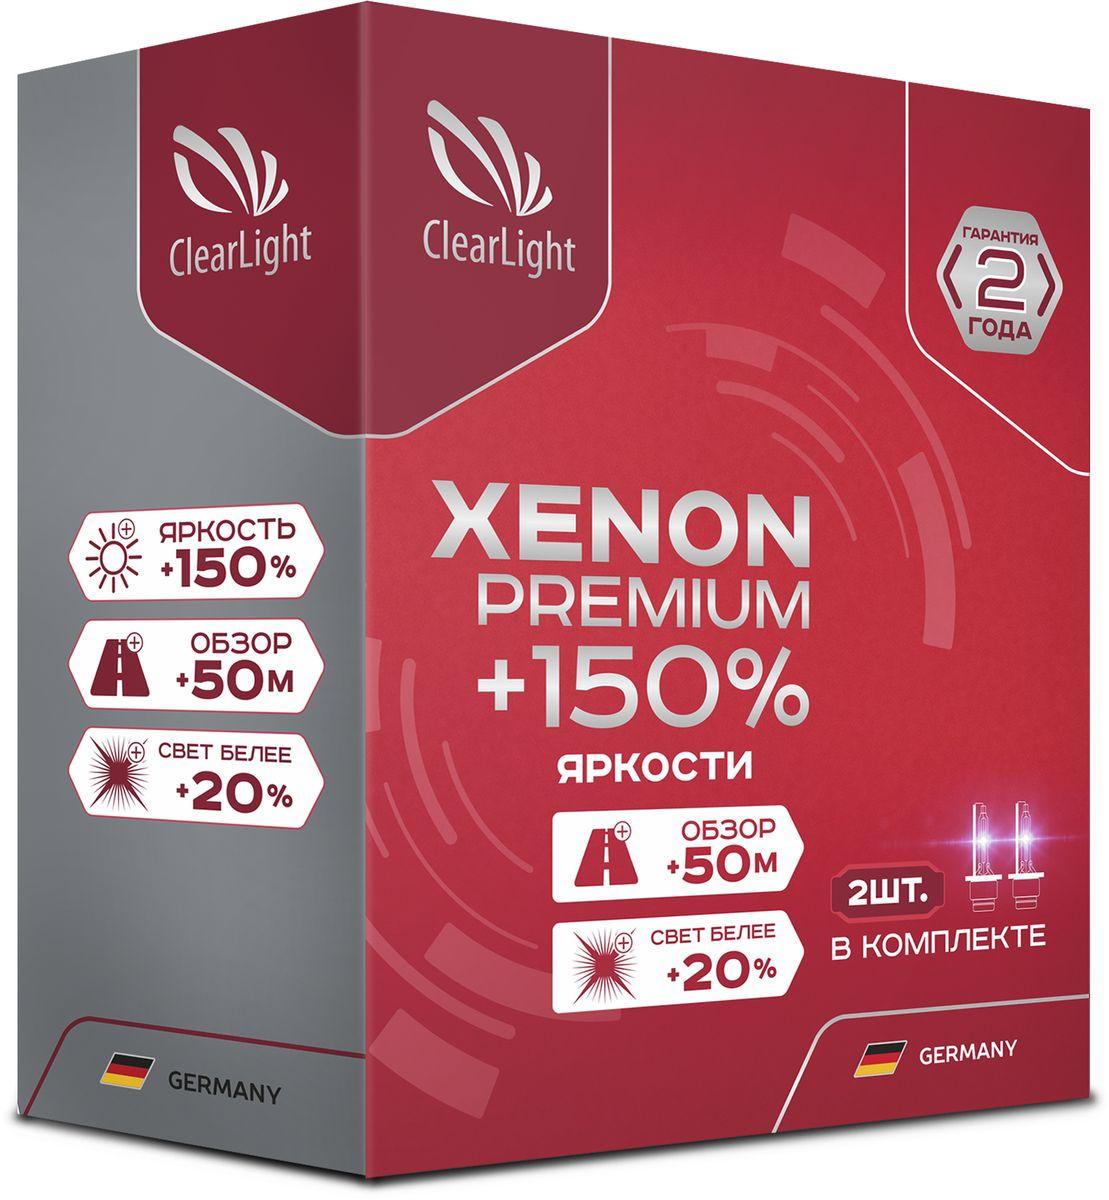 Лампа автомобильная ксеноновая Clearlight Xenon Premium+150%, цоколь HB4, 5000 К, 35 Вт, 2 штPCL HB4 150-2XP-2Лампы Clearlight Xenon Premium+150% - безусловный выбор водителей предпочитающих лучшее световое решение на сегодняшний день в ксеноновом автосвете. Высокая яркость лампы достигнута за счет применения инновационных технологий, позволивших увеличить давление газов внутри колбы лампы. Колба выполнена из высококачественного кварцевого стекла, которое выдерживает любые перепады температур и высокое внутреннее давление.Мы уверены в высоком качестве своего продукта, именно поэтому мы предоставляем гарантию 24 месяца!